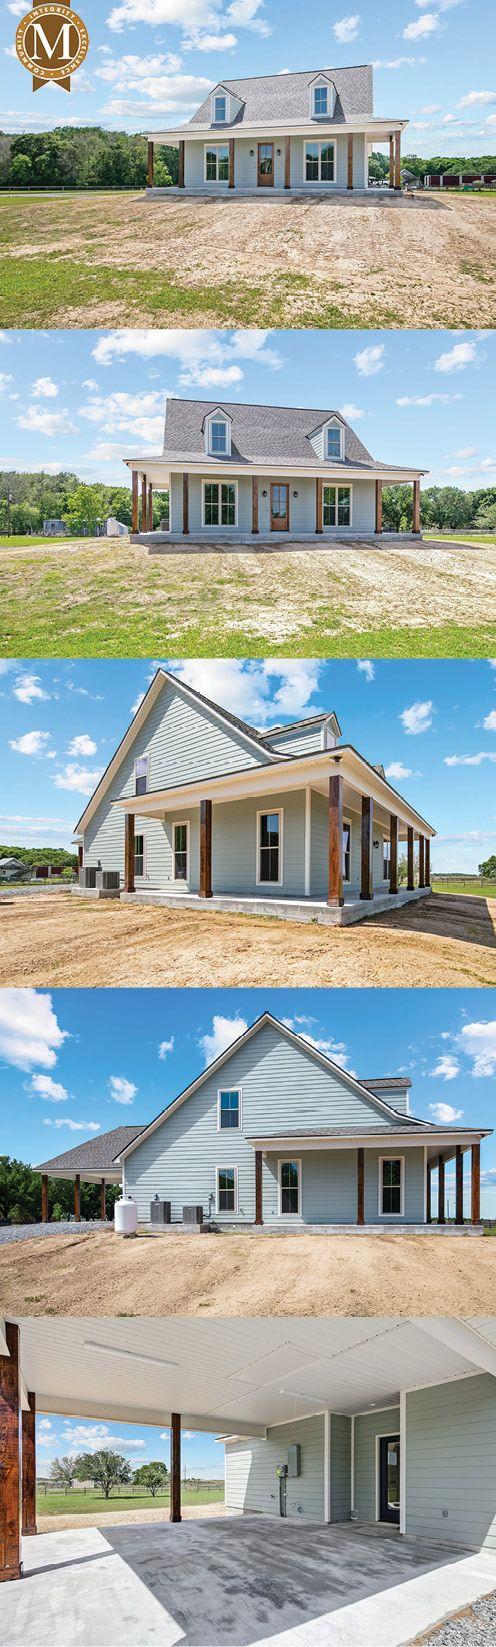 Acadia Farmhouse Floor Plan South Louisiana Home Builder Dream House Exterior Farmhouse Floor Plans Tiny House Nation